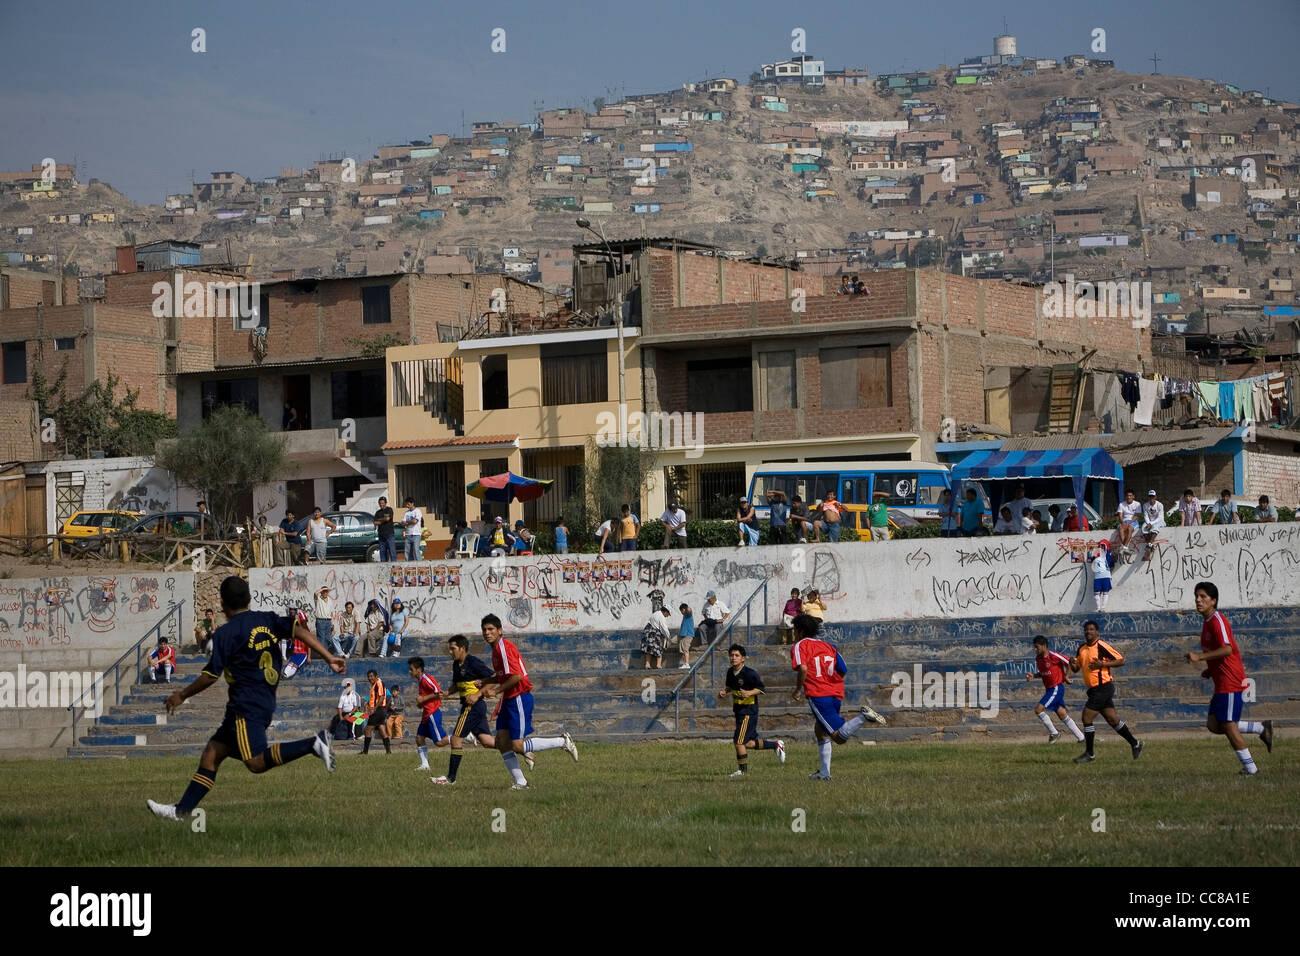 Une équipe de football est en concurrence sur le terrain à Lima, Pérou, Amérique du Sud. Banque D'Images